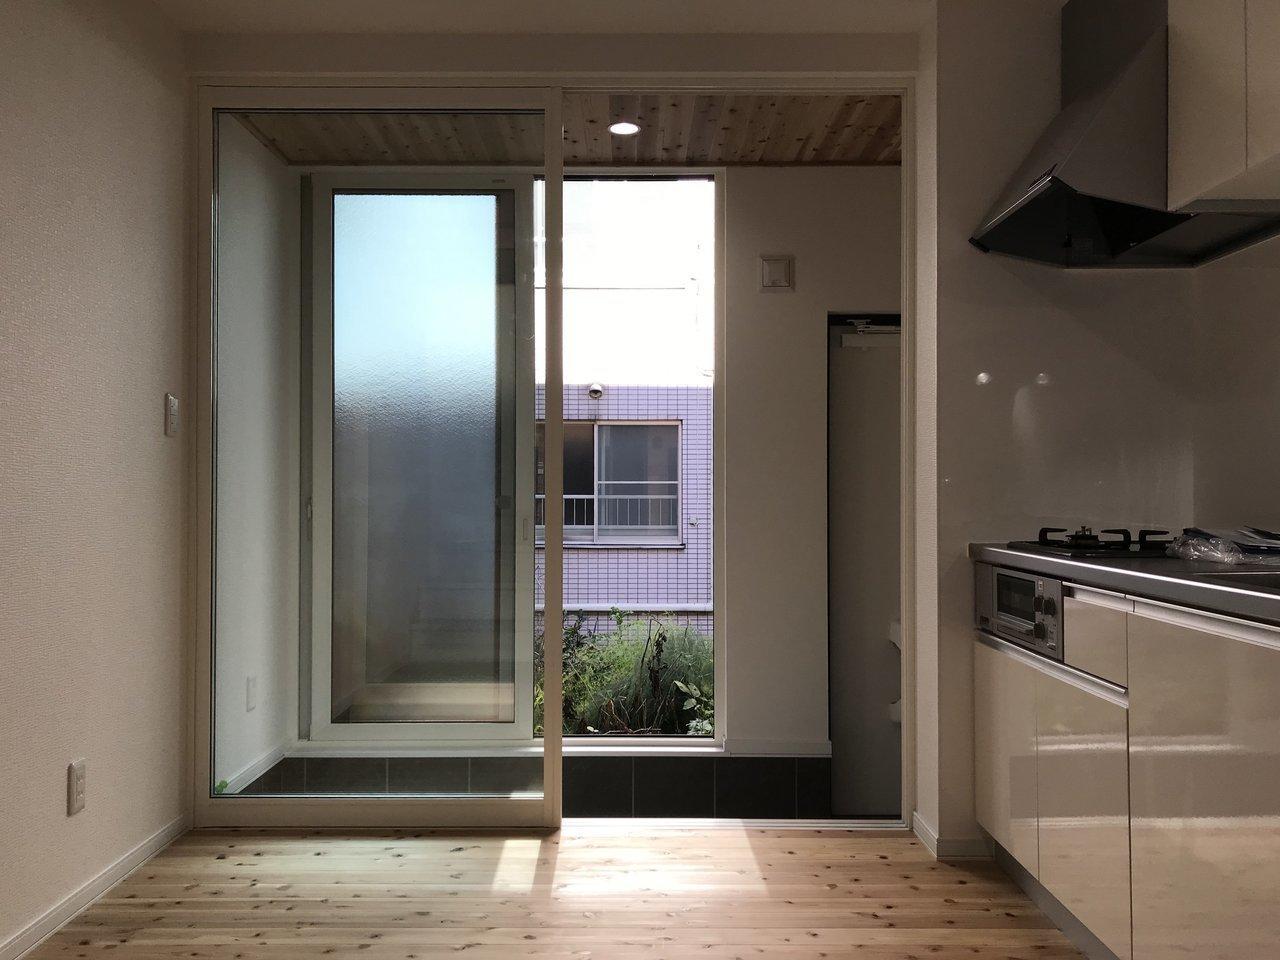 木造ですが、玄関が二重扉になっているため寒さ対策はバッチリ!冬の寒さを考えたら、このくらい備えがあればうれしい限り。